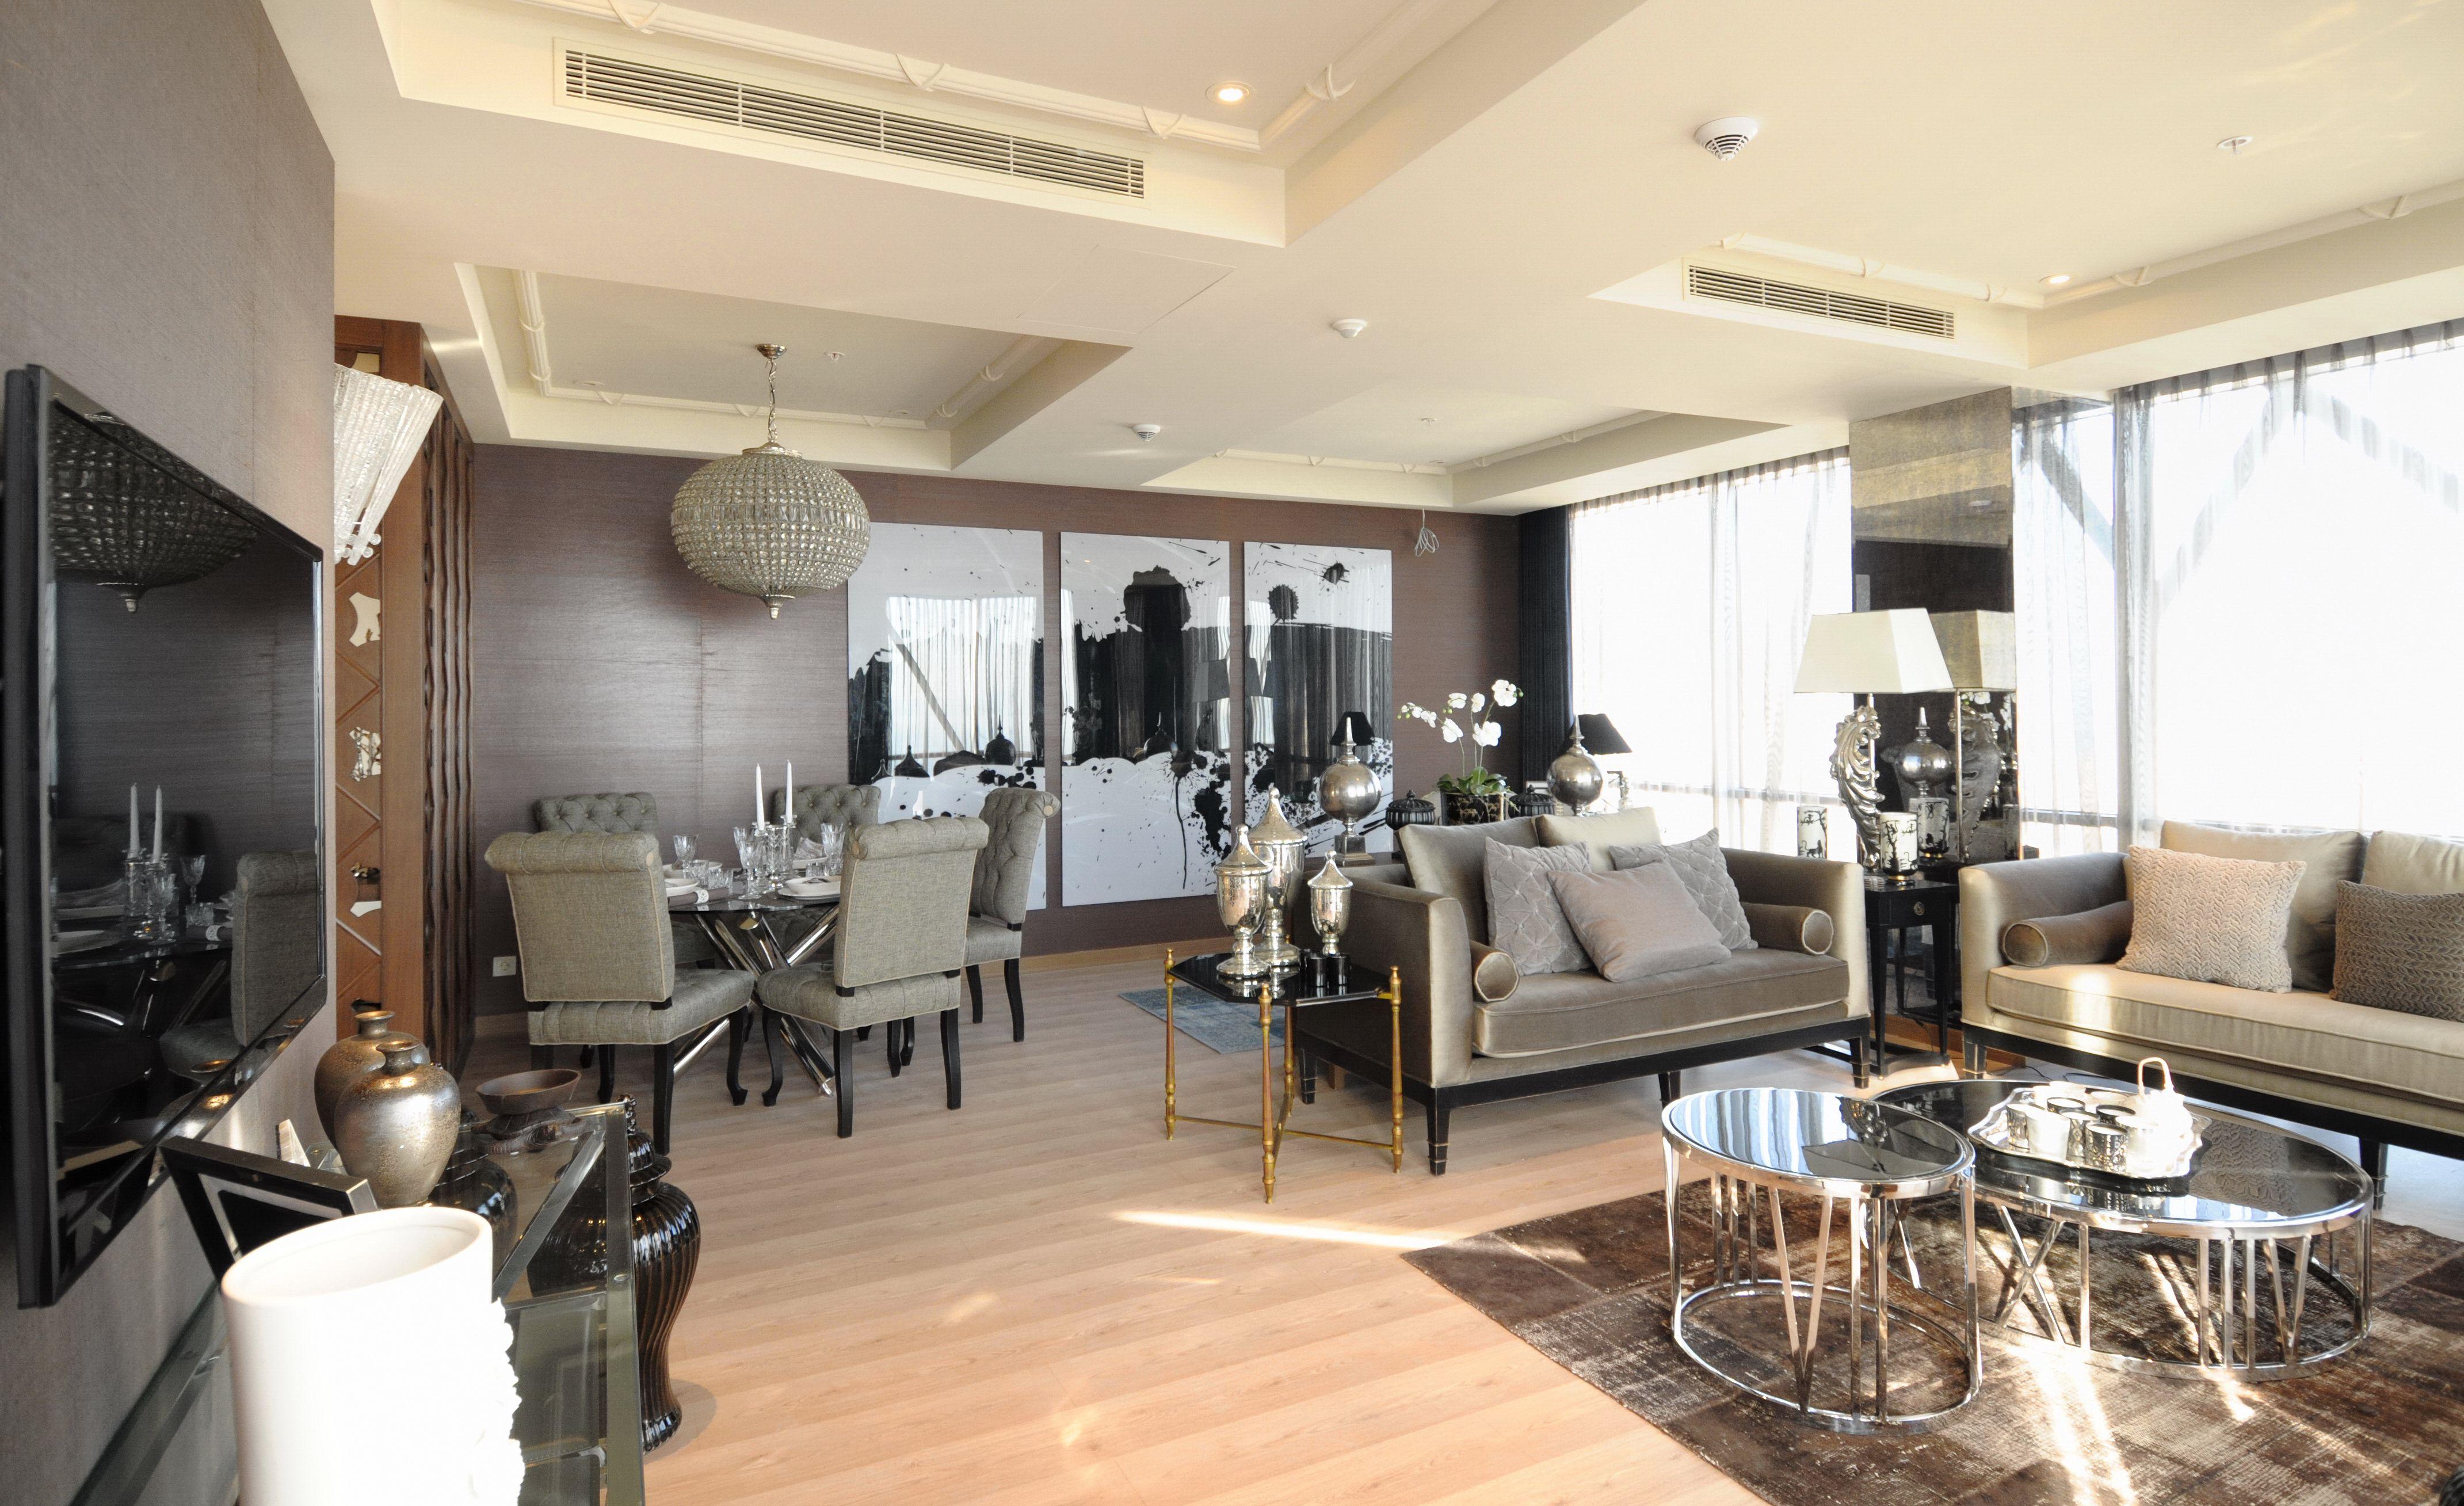 Dumankaya ritim stanbul rnek daire salon ritim for 30 m2 salon dekorasyonu